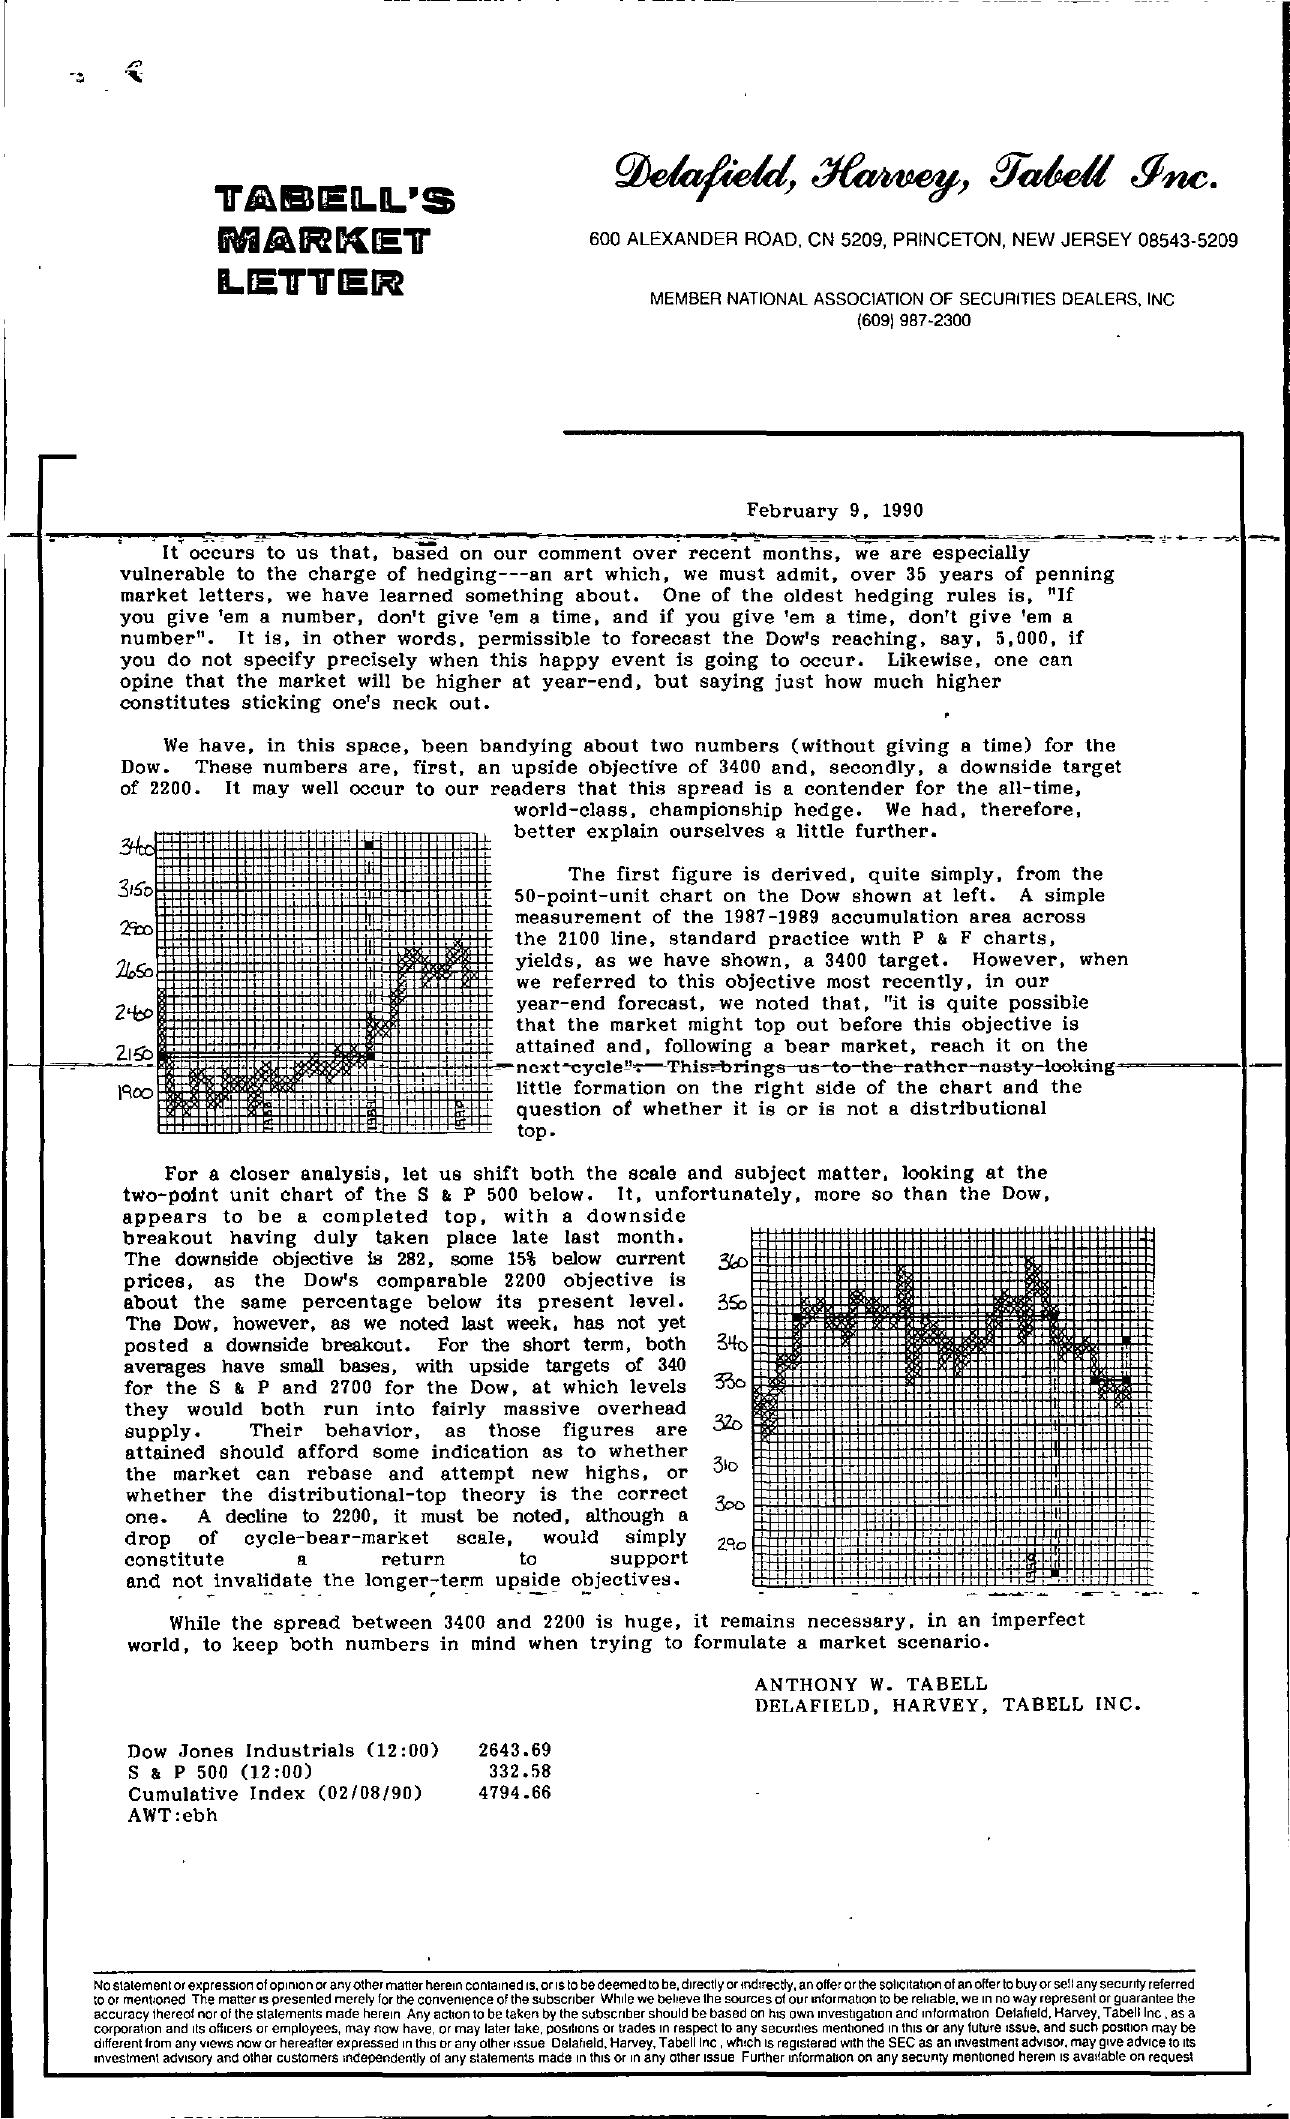 Tabell's Market Letter - February 09, 1990